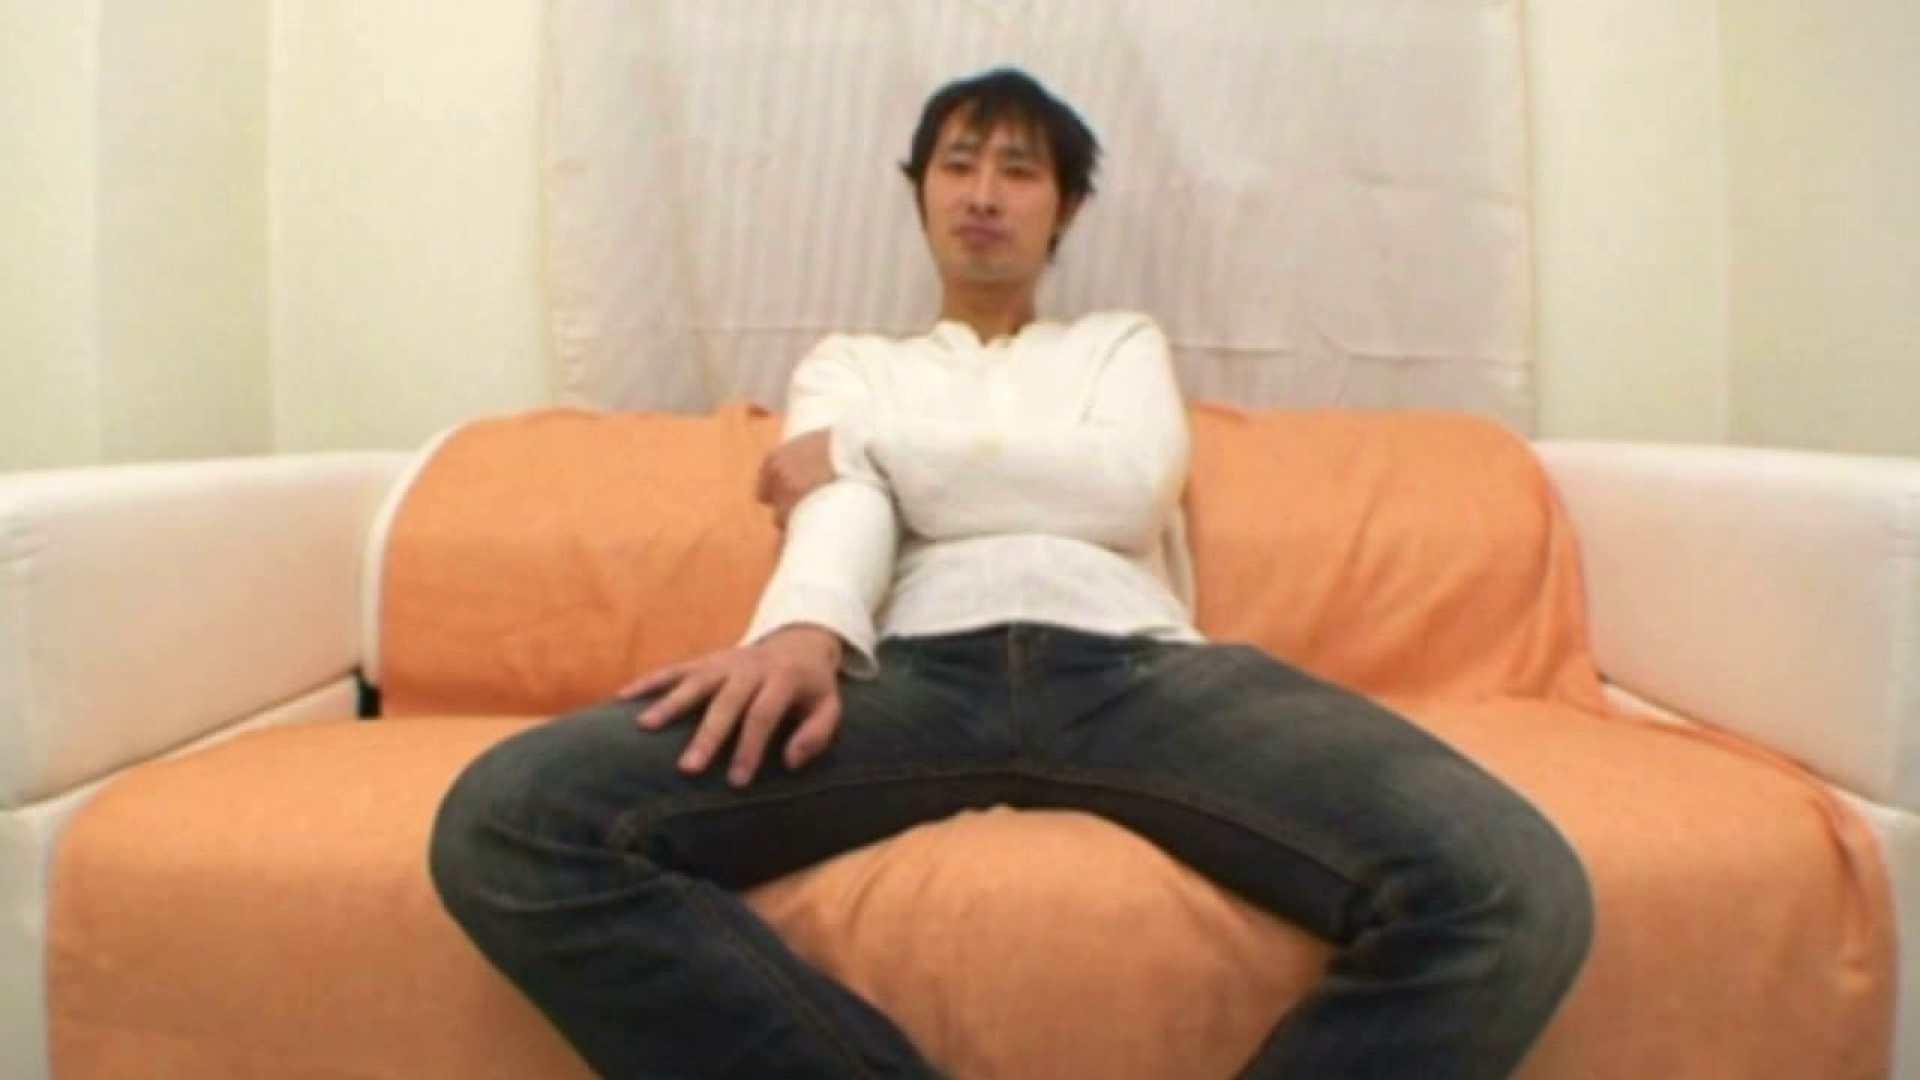 イケメンズエステティック倶楽部Case.02 イケメン ケツマンスケベ画像 99枚 68